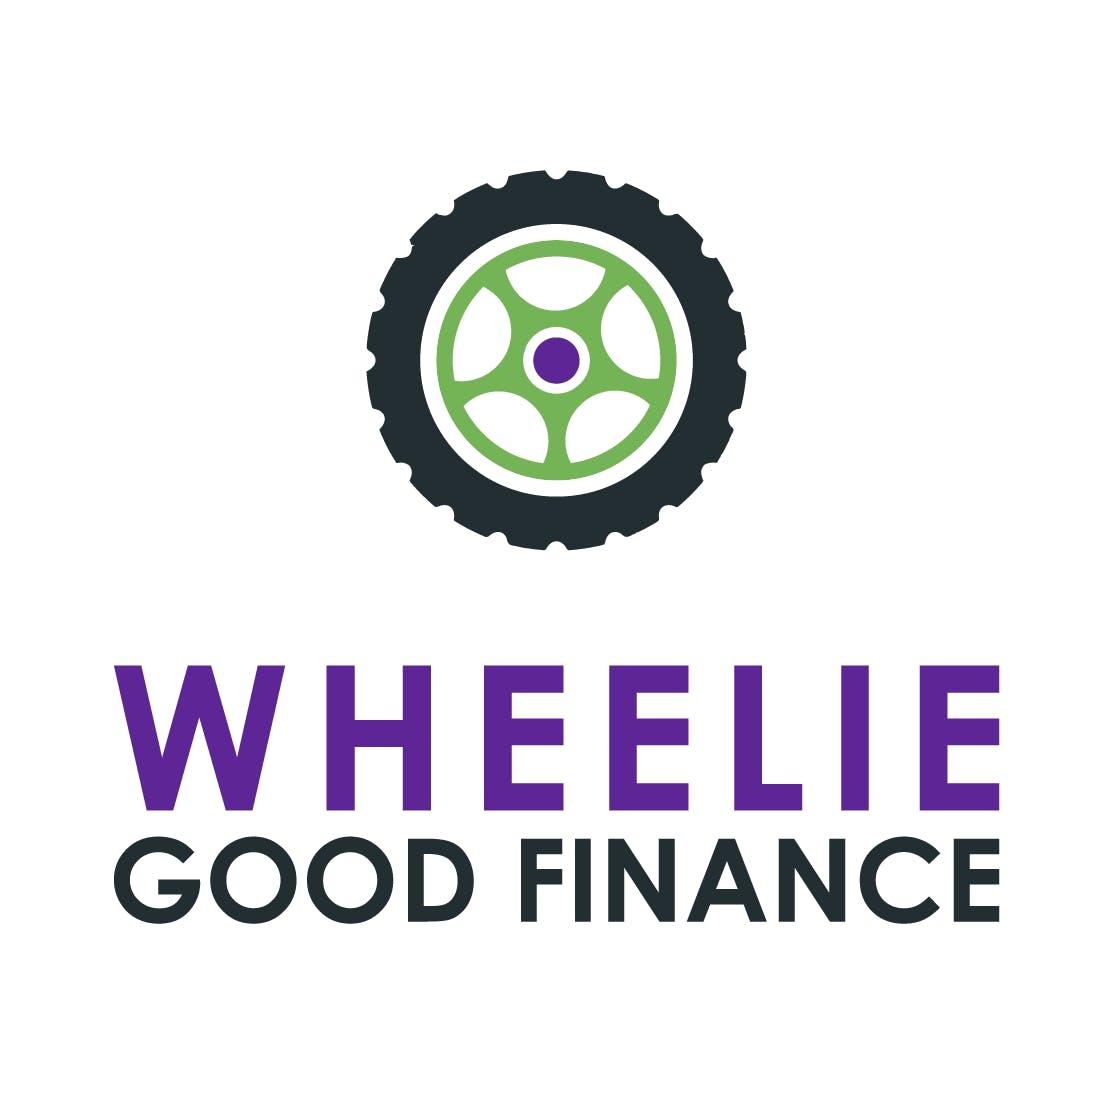 Wheelie Good Finance